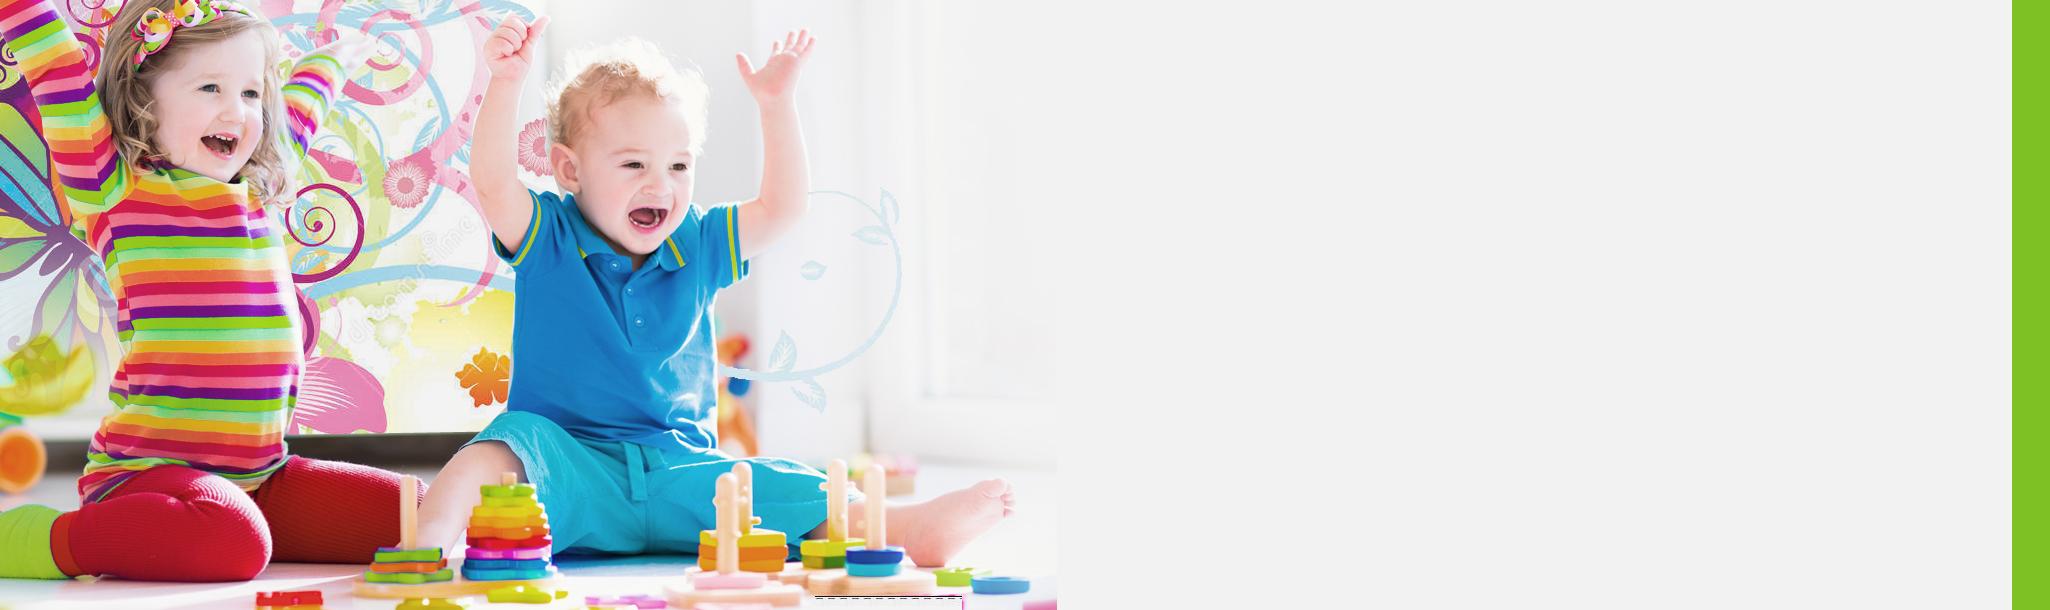 Pasja dawania radości dzieciom